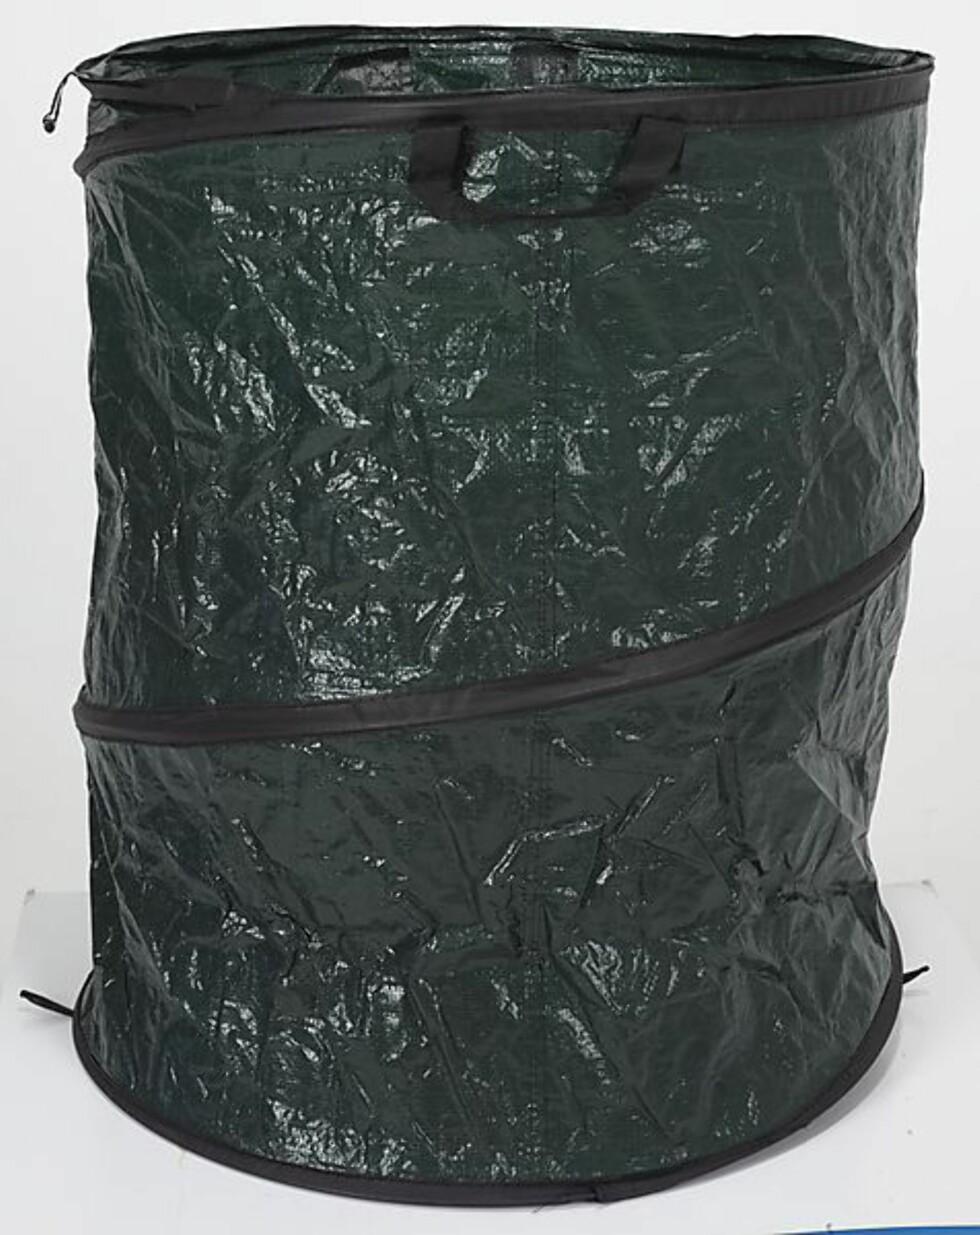 Popup-bagen fra Clas Ohlson koster 69 kroner. Lignende finnes flere steder. Foto: Produsenten